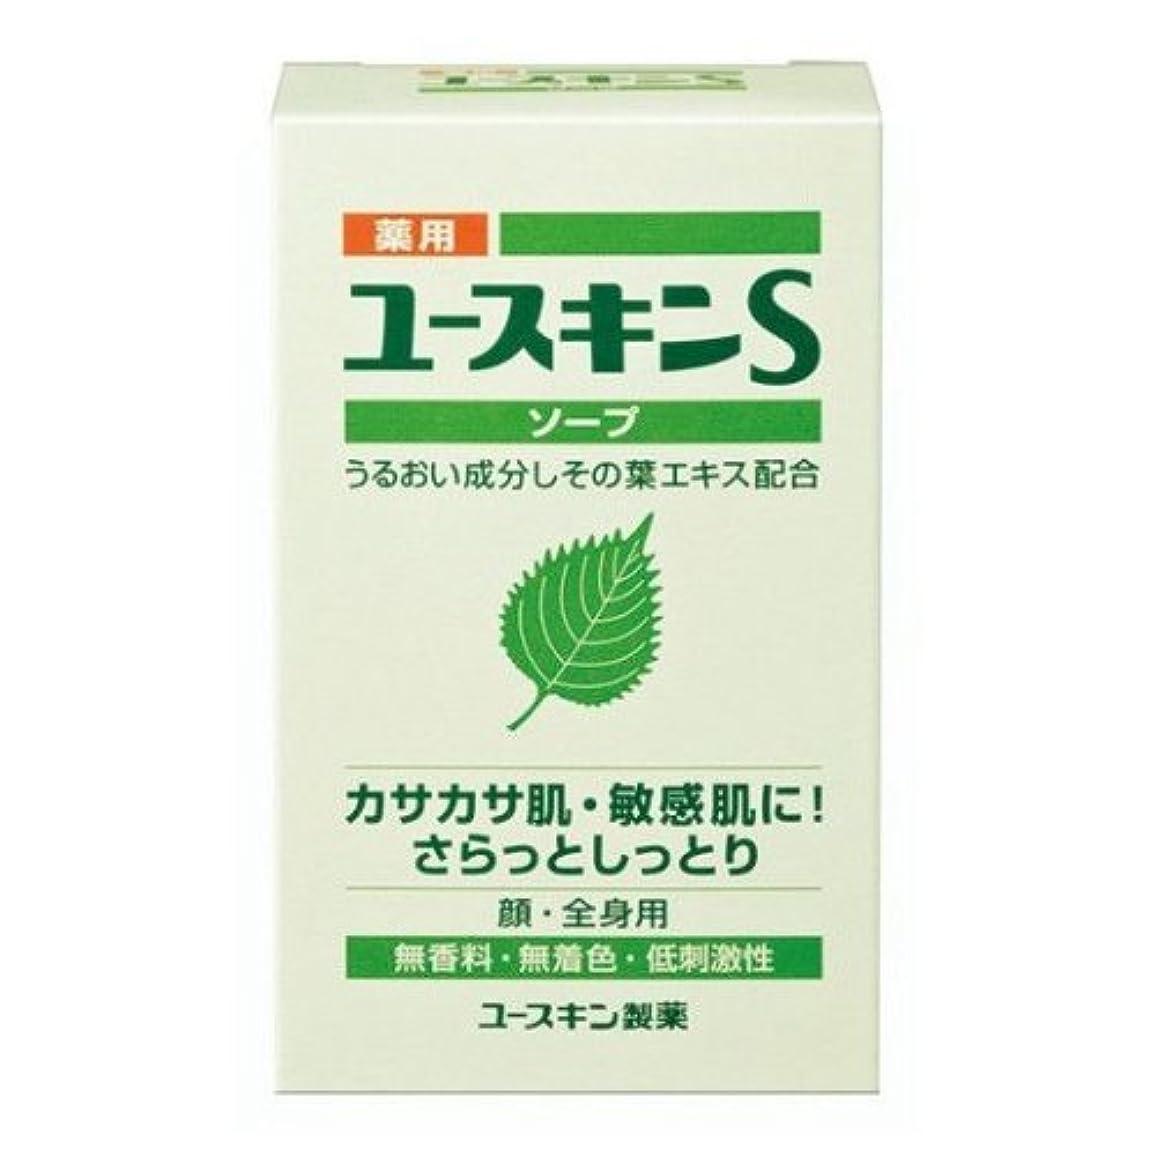 イタリック論理的実現可能性薬用ユースキンS ソープ 90g (敏感肌用 透明石鹸) 【医薬部外品】